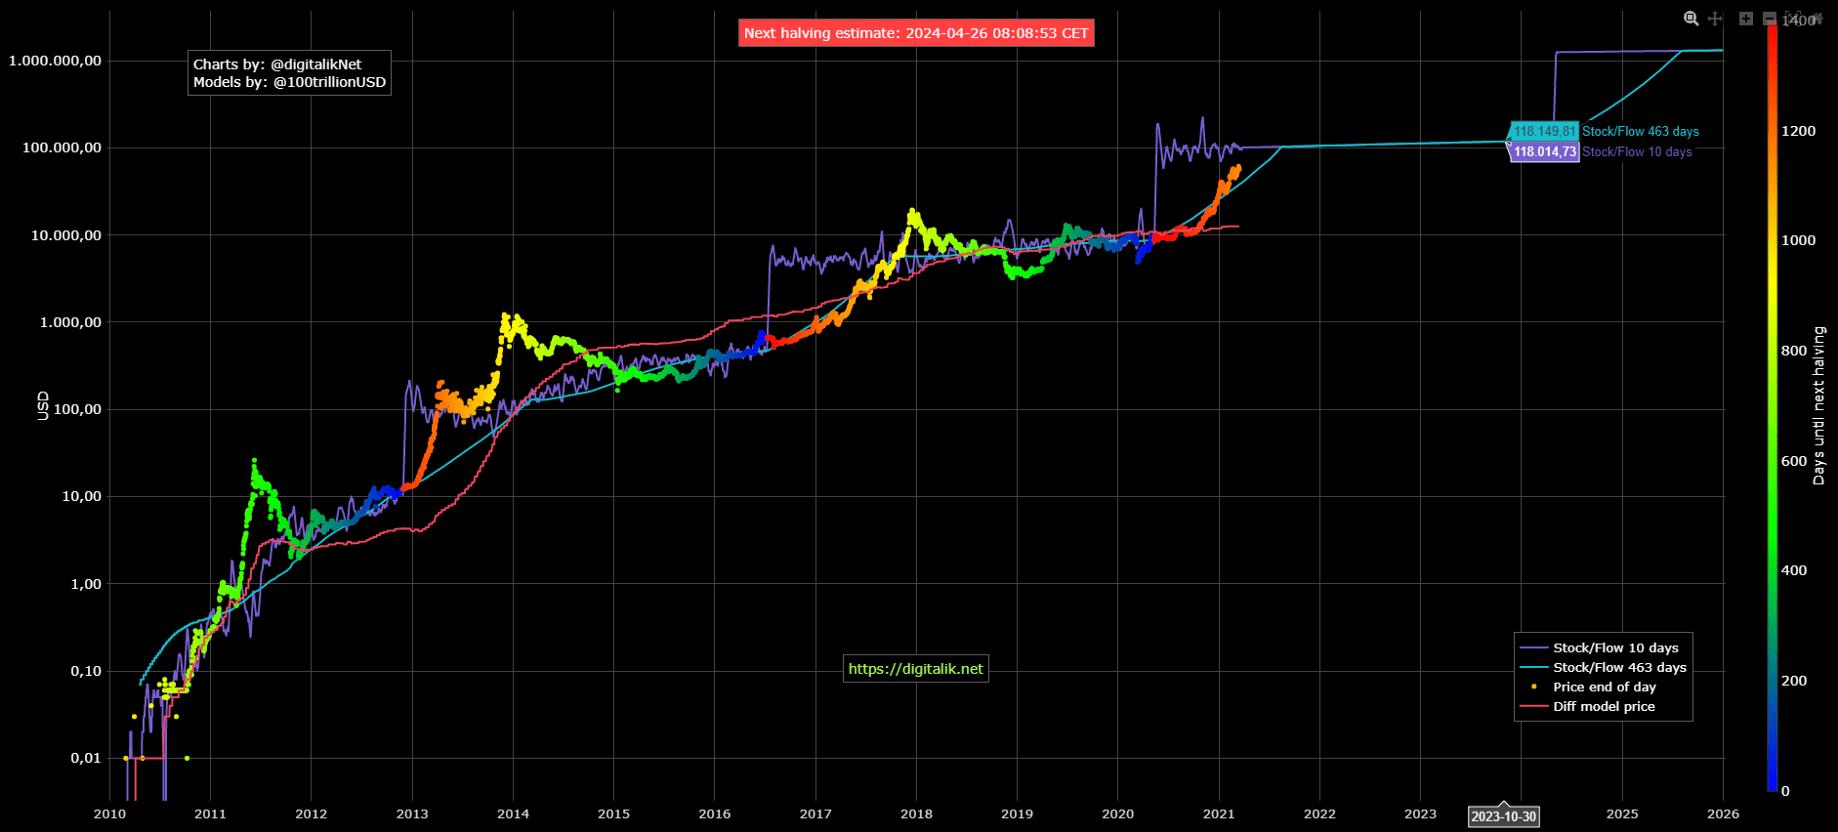 نمودار لگاریتمی قیمت بیت کوین از ابتدا تا 2021/ برای مشاهده بزرگتر، روی عکس کلیک کنید!